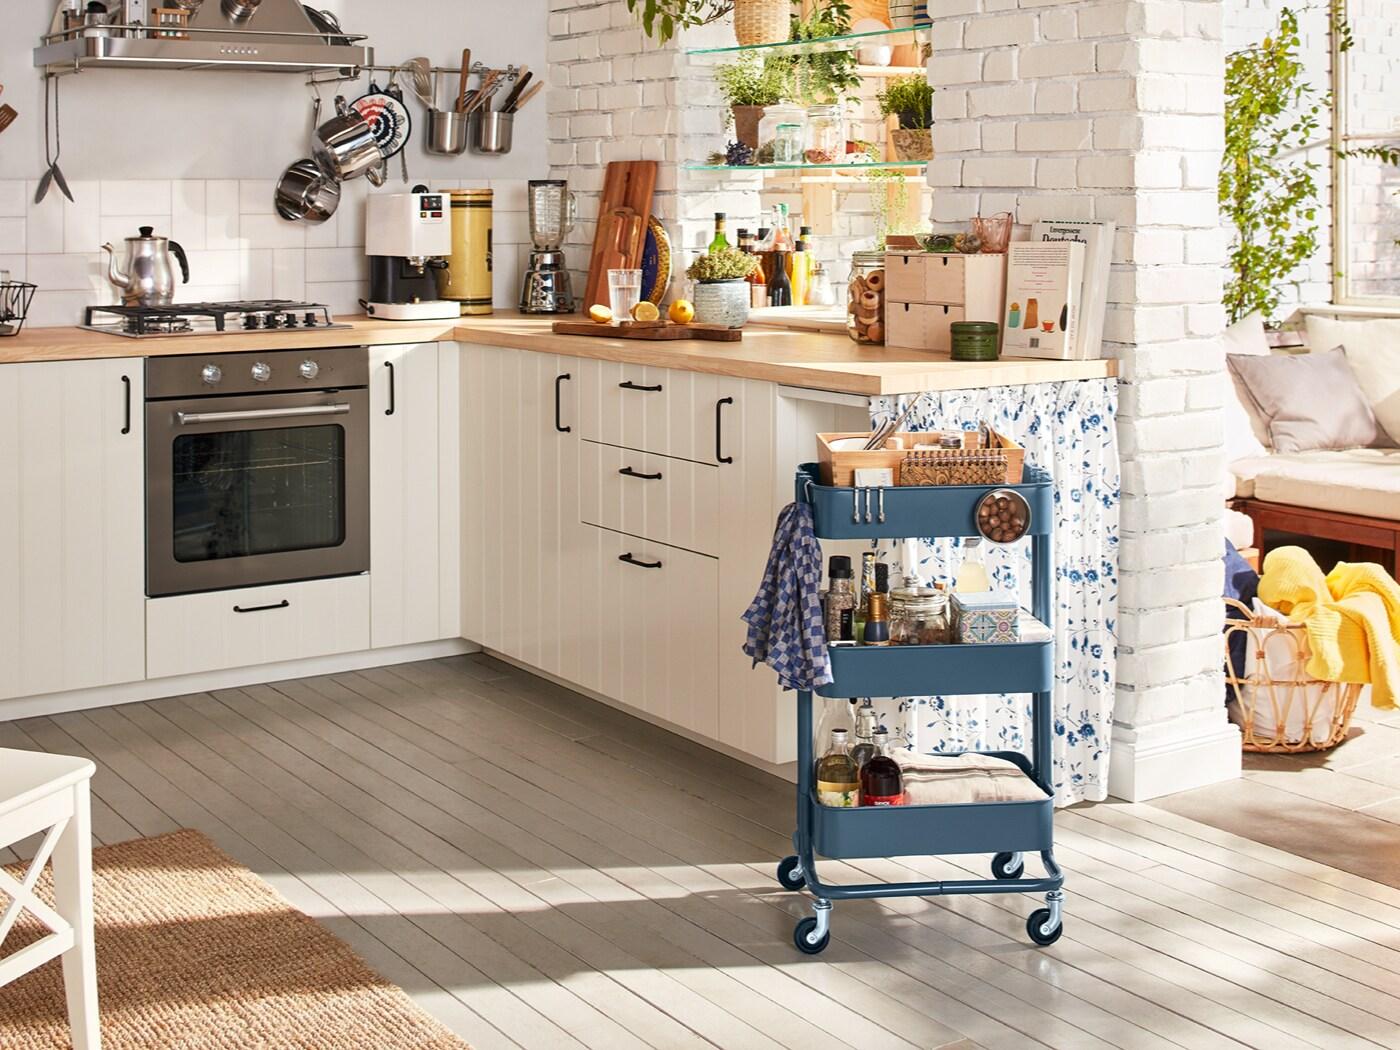 Fantastisch Küche U0026 Küchenmöbel Für Dein Zuhause   IKEA